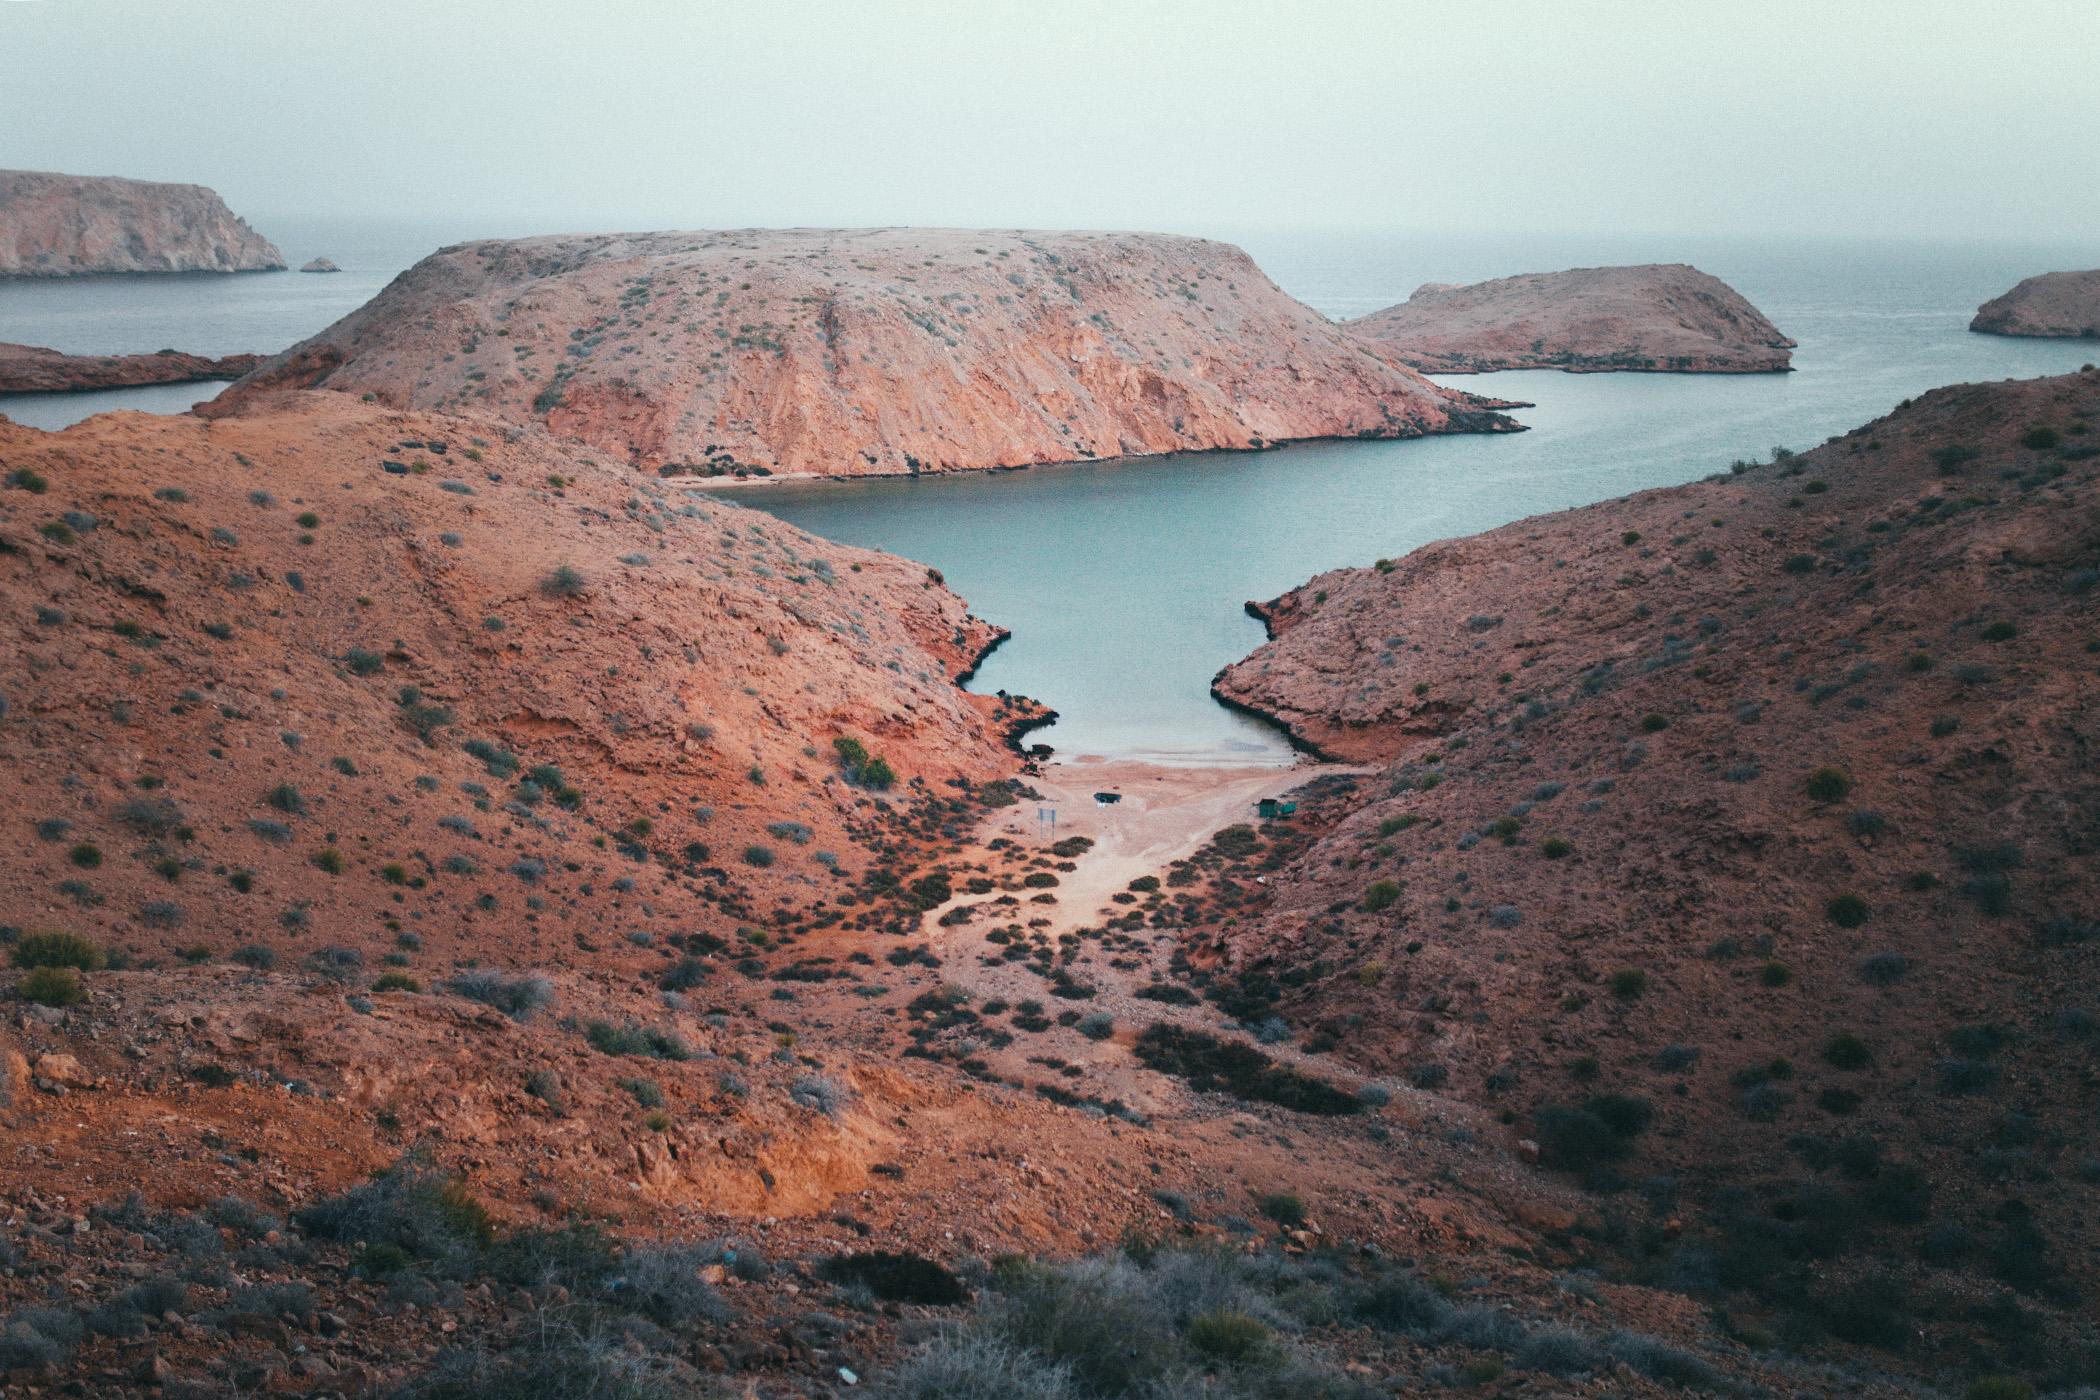 Bandar Al Khairan, Oman, widok z głównego punktu widokowego